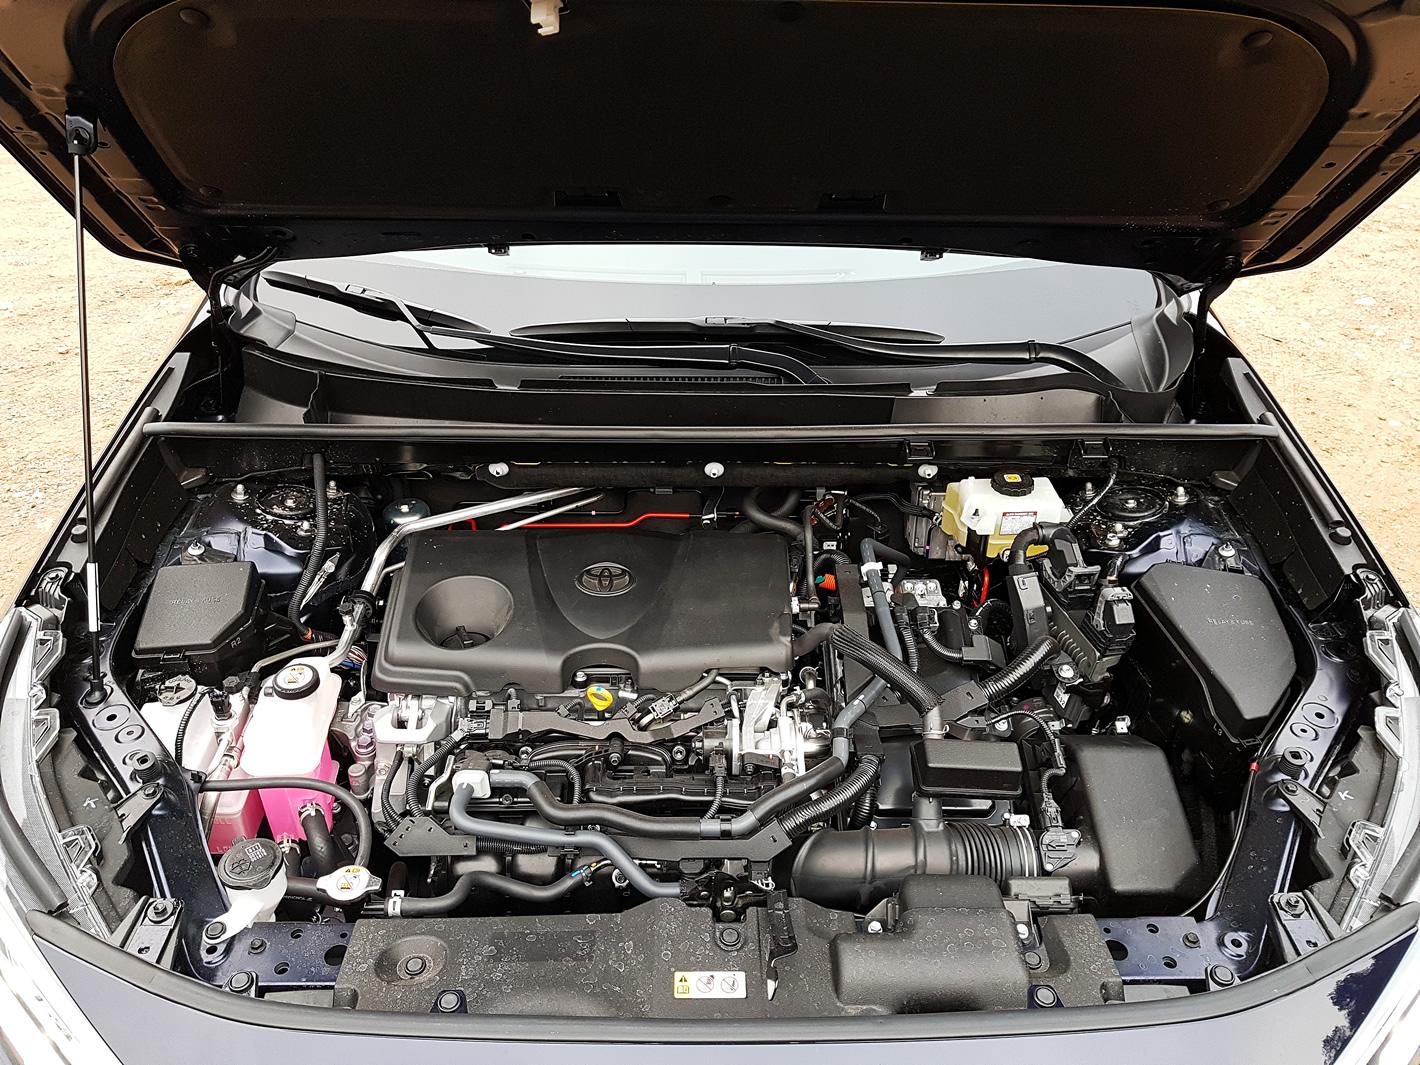 Toyota RAV4 Hybrid 2019 - układ hybrydowy z nowym silnikiem 2,5 l